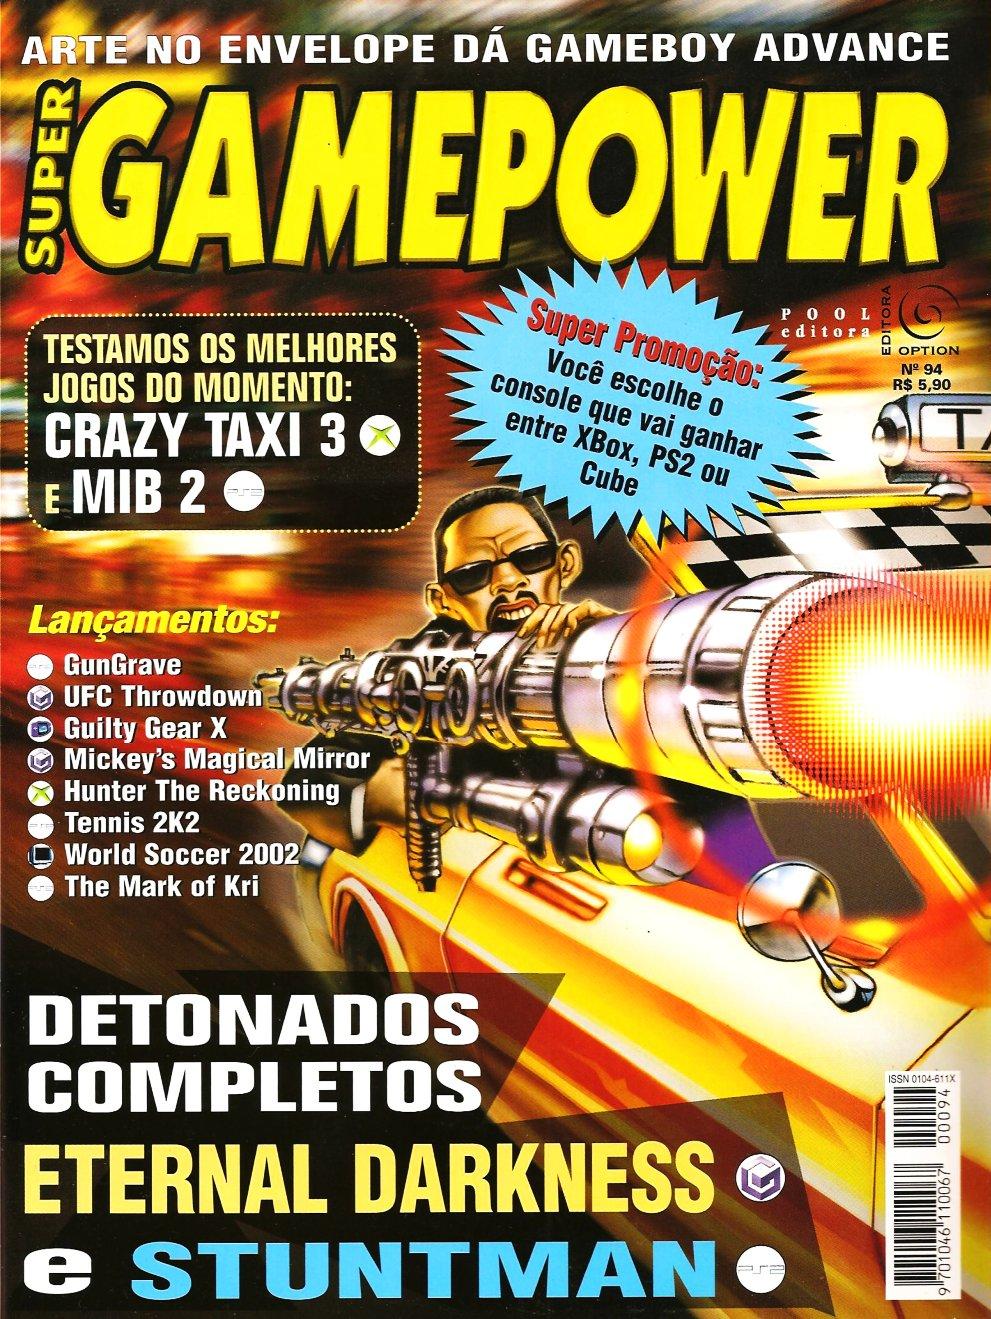 SuperGamePower Issue 094 (August 2002)